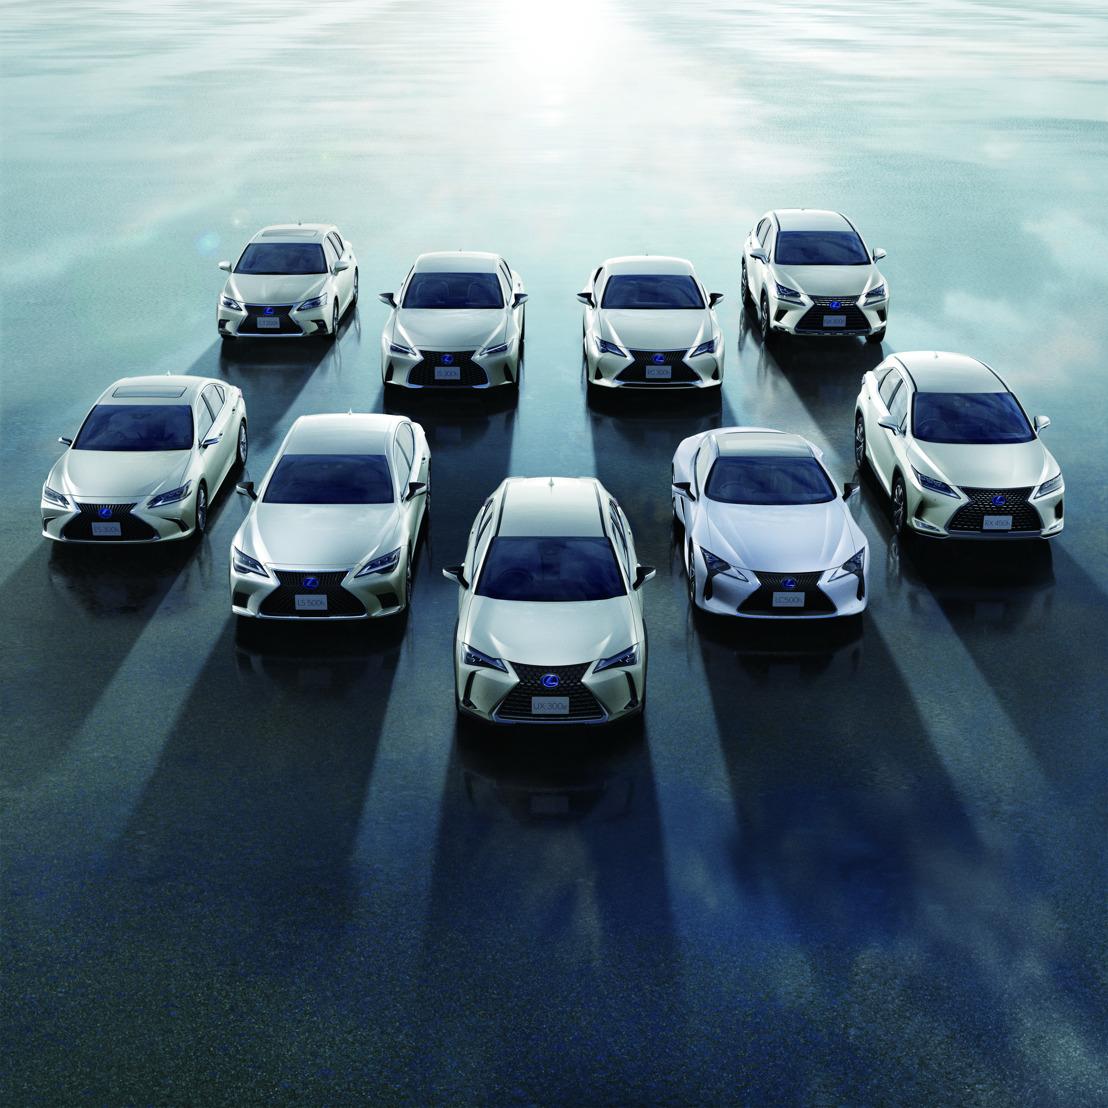 Lexus bereikt mijlpaal van twee miljoen geëlektrificeerde voertuigen wereldwijd